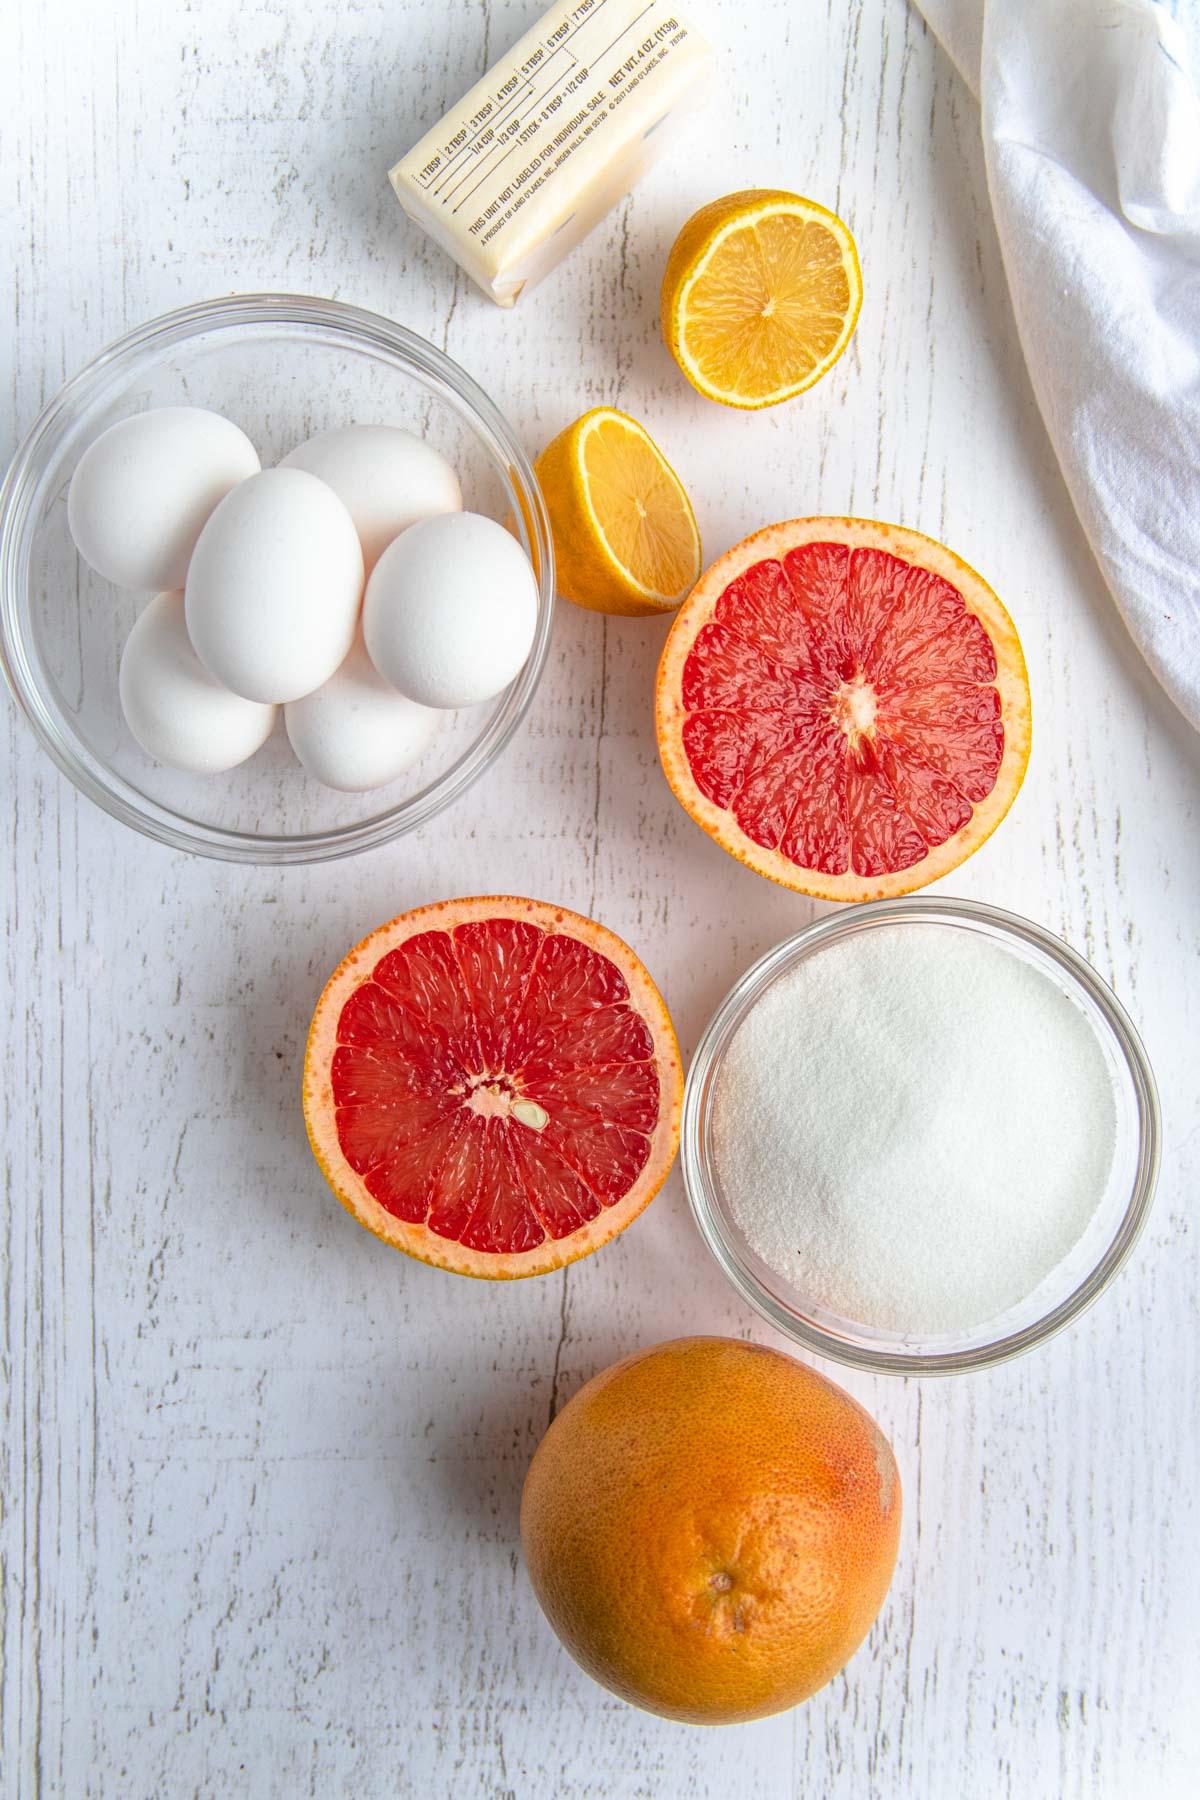 Grapefruit Curd Ingredients - Grapefruit, Eggs, Lemon and Sugar